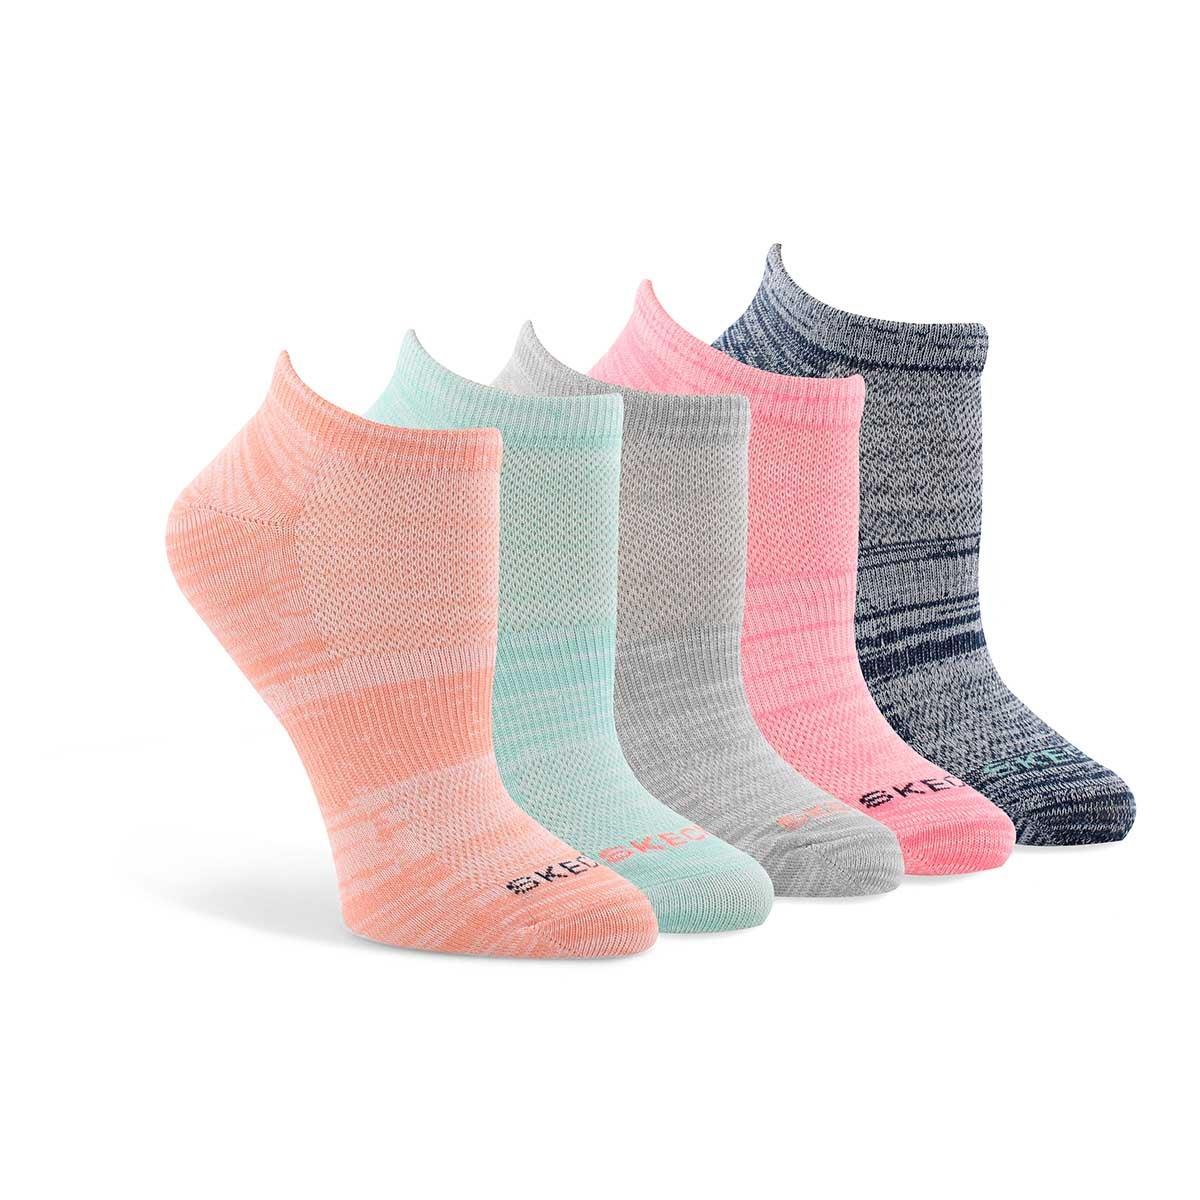 Women's LOW CUT NON TERRY multi socks - 5 pk